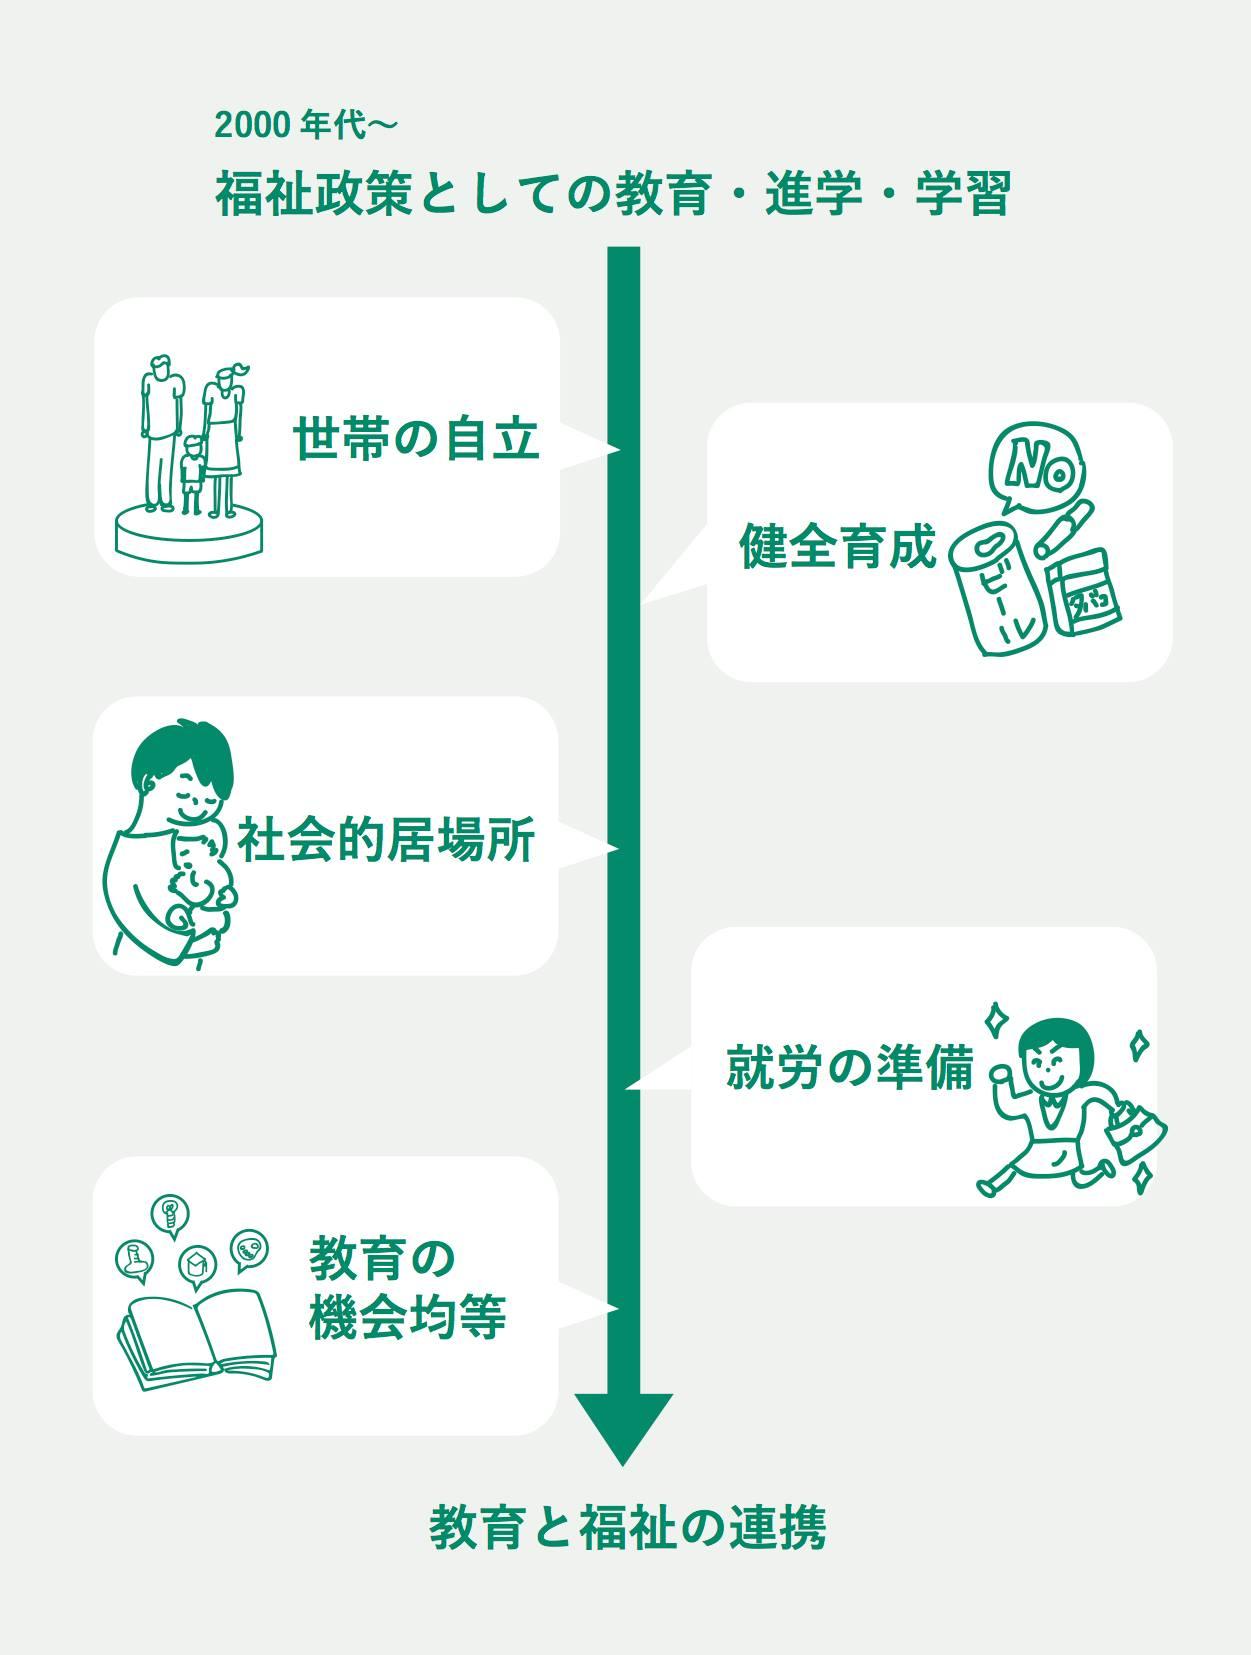 学習支援事業の変遷